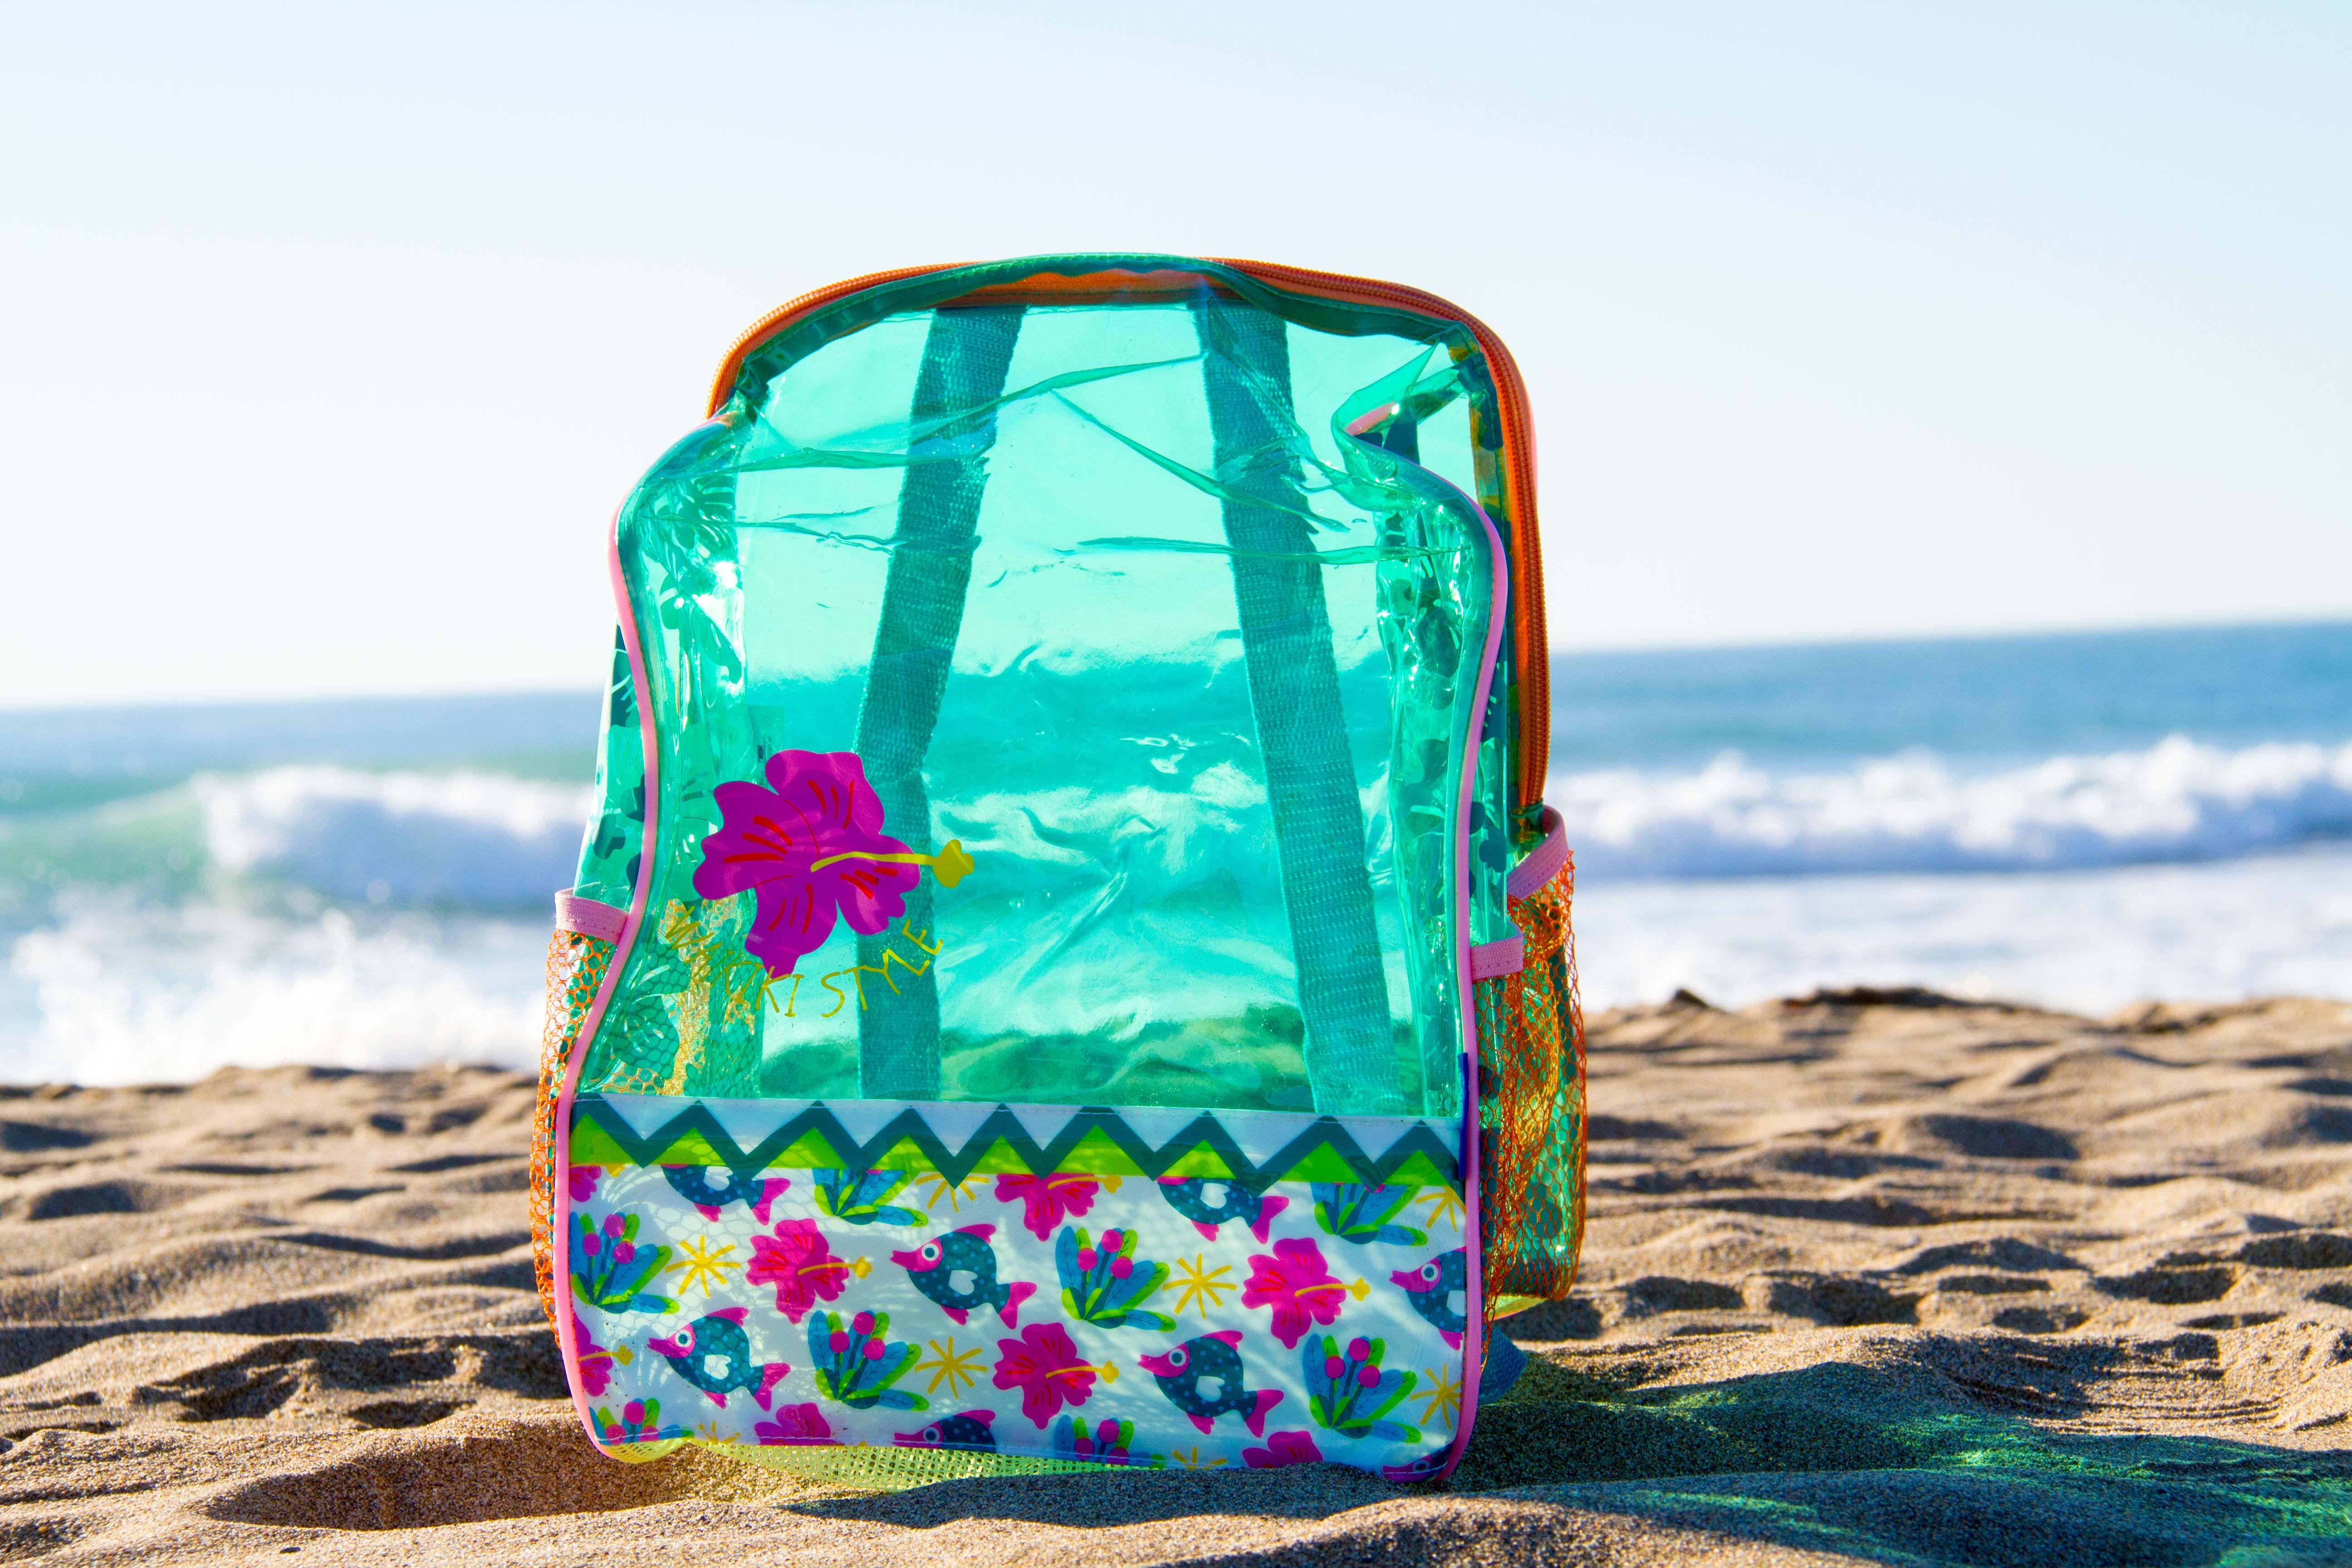 Mochila De Playa Transparente De Color Verde Juguetes De Playa Juegos De Playa Playa